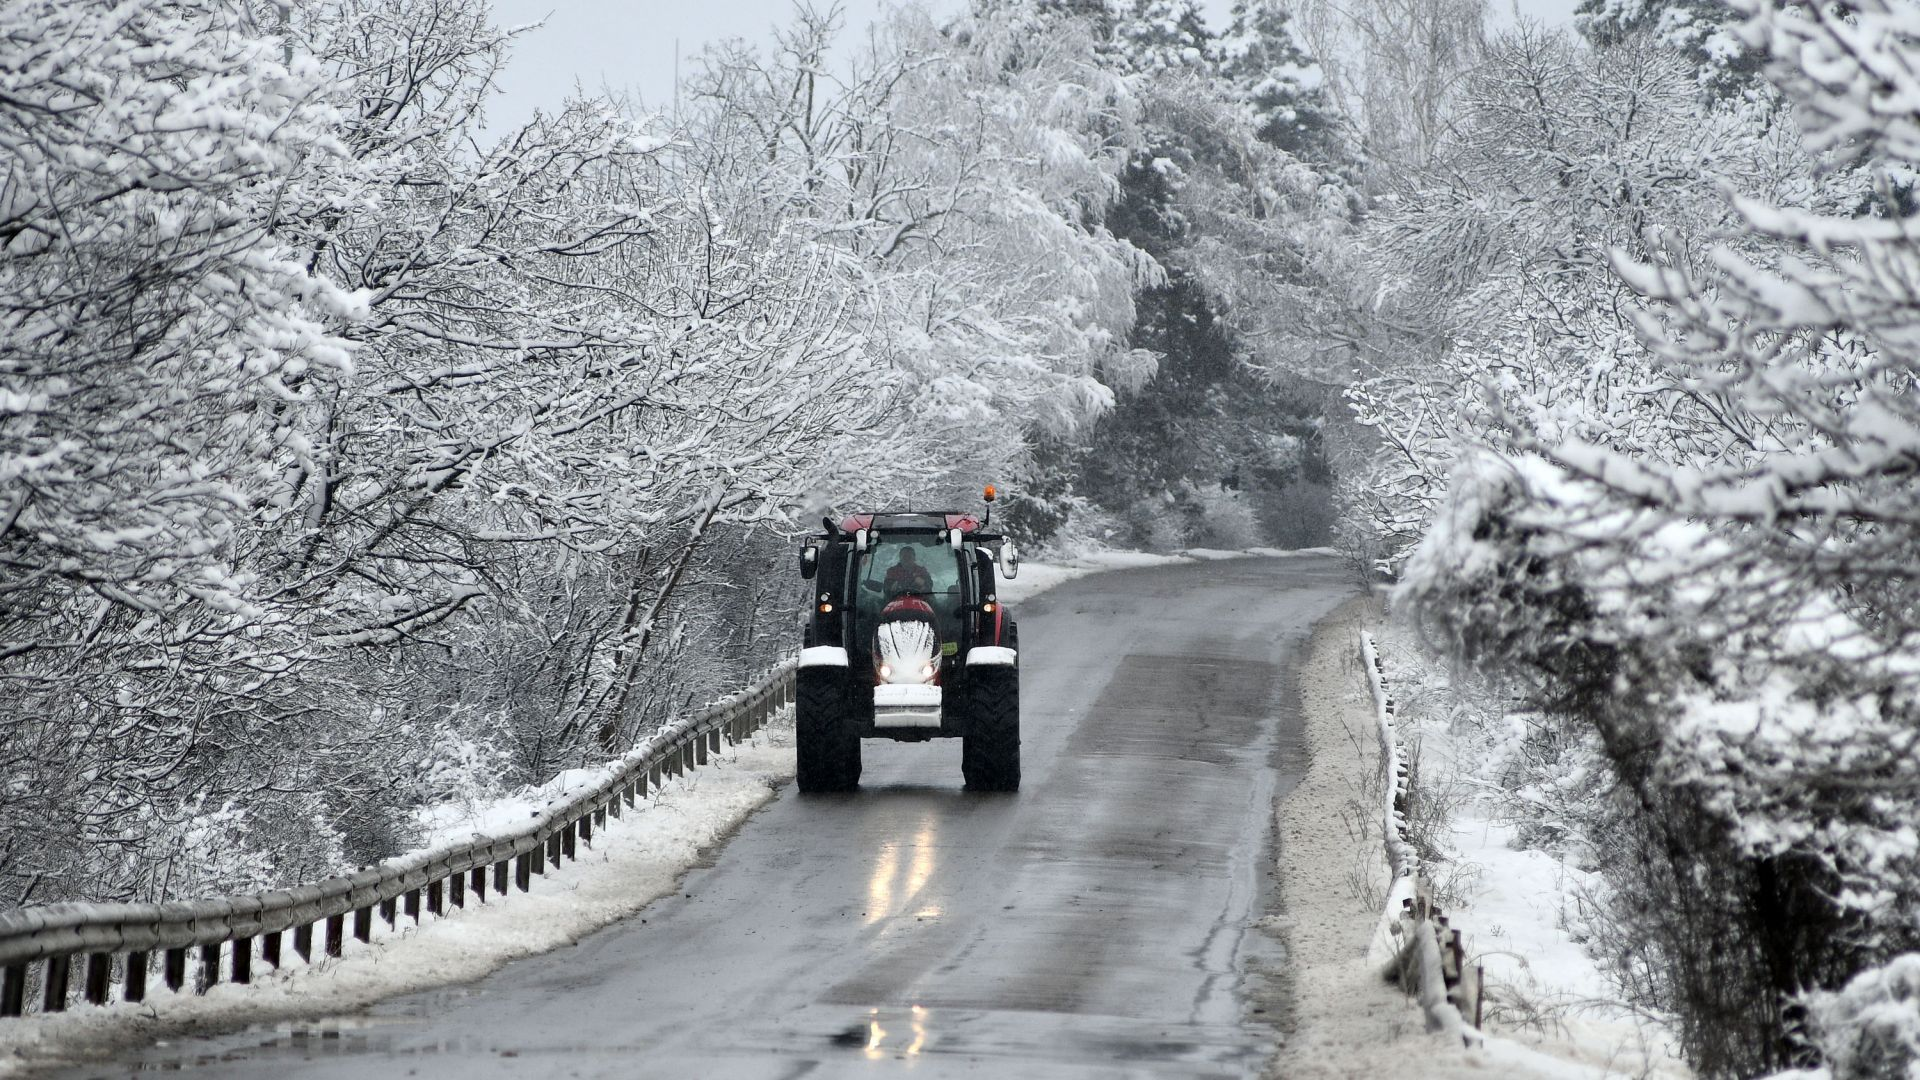 Пътна полиция към шофьорите: Идва сняг и заледявания